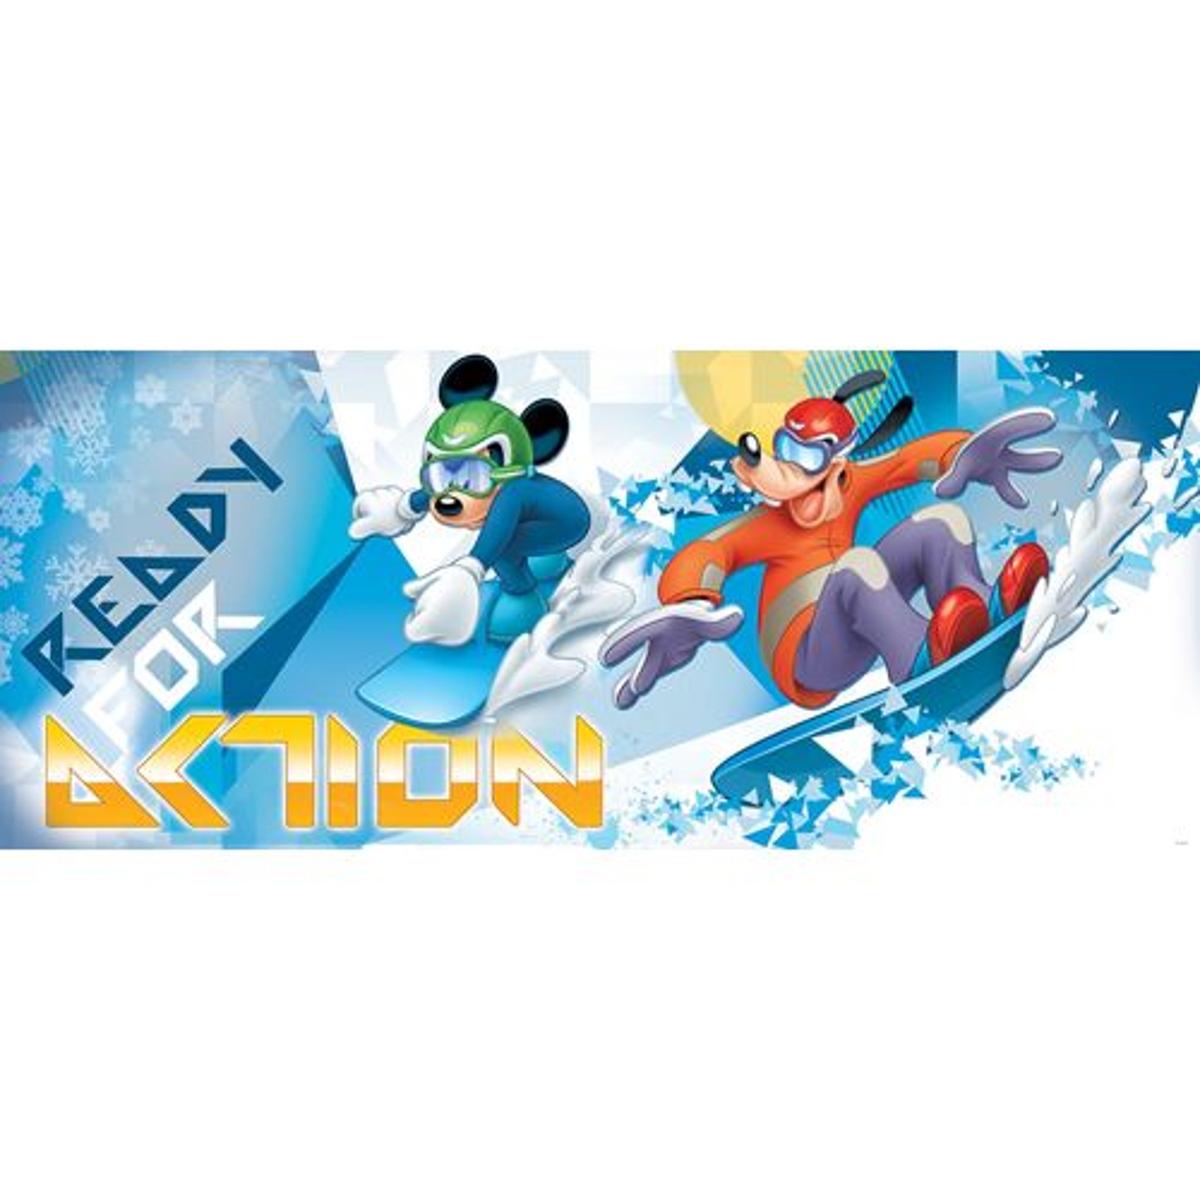 papier peint Disney Le club Mickey Mouse- 250 x 104 cm